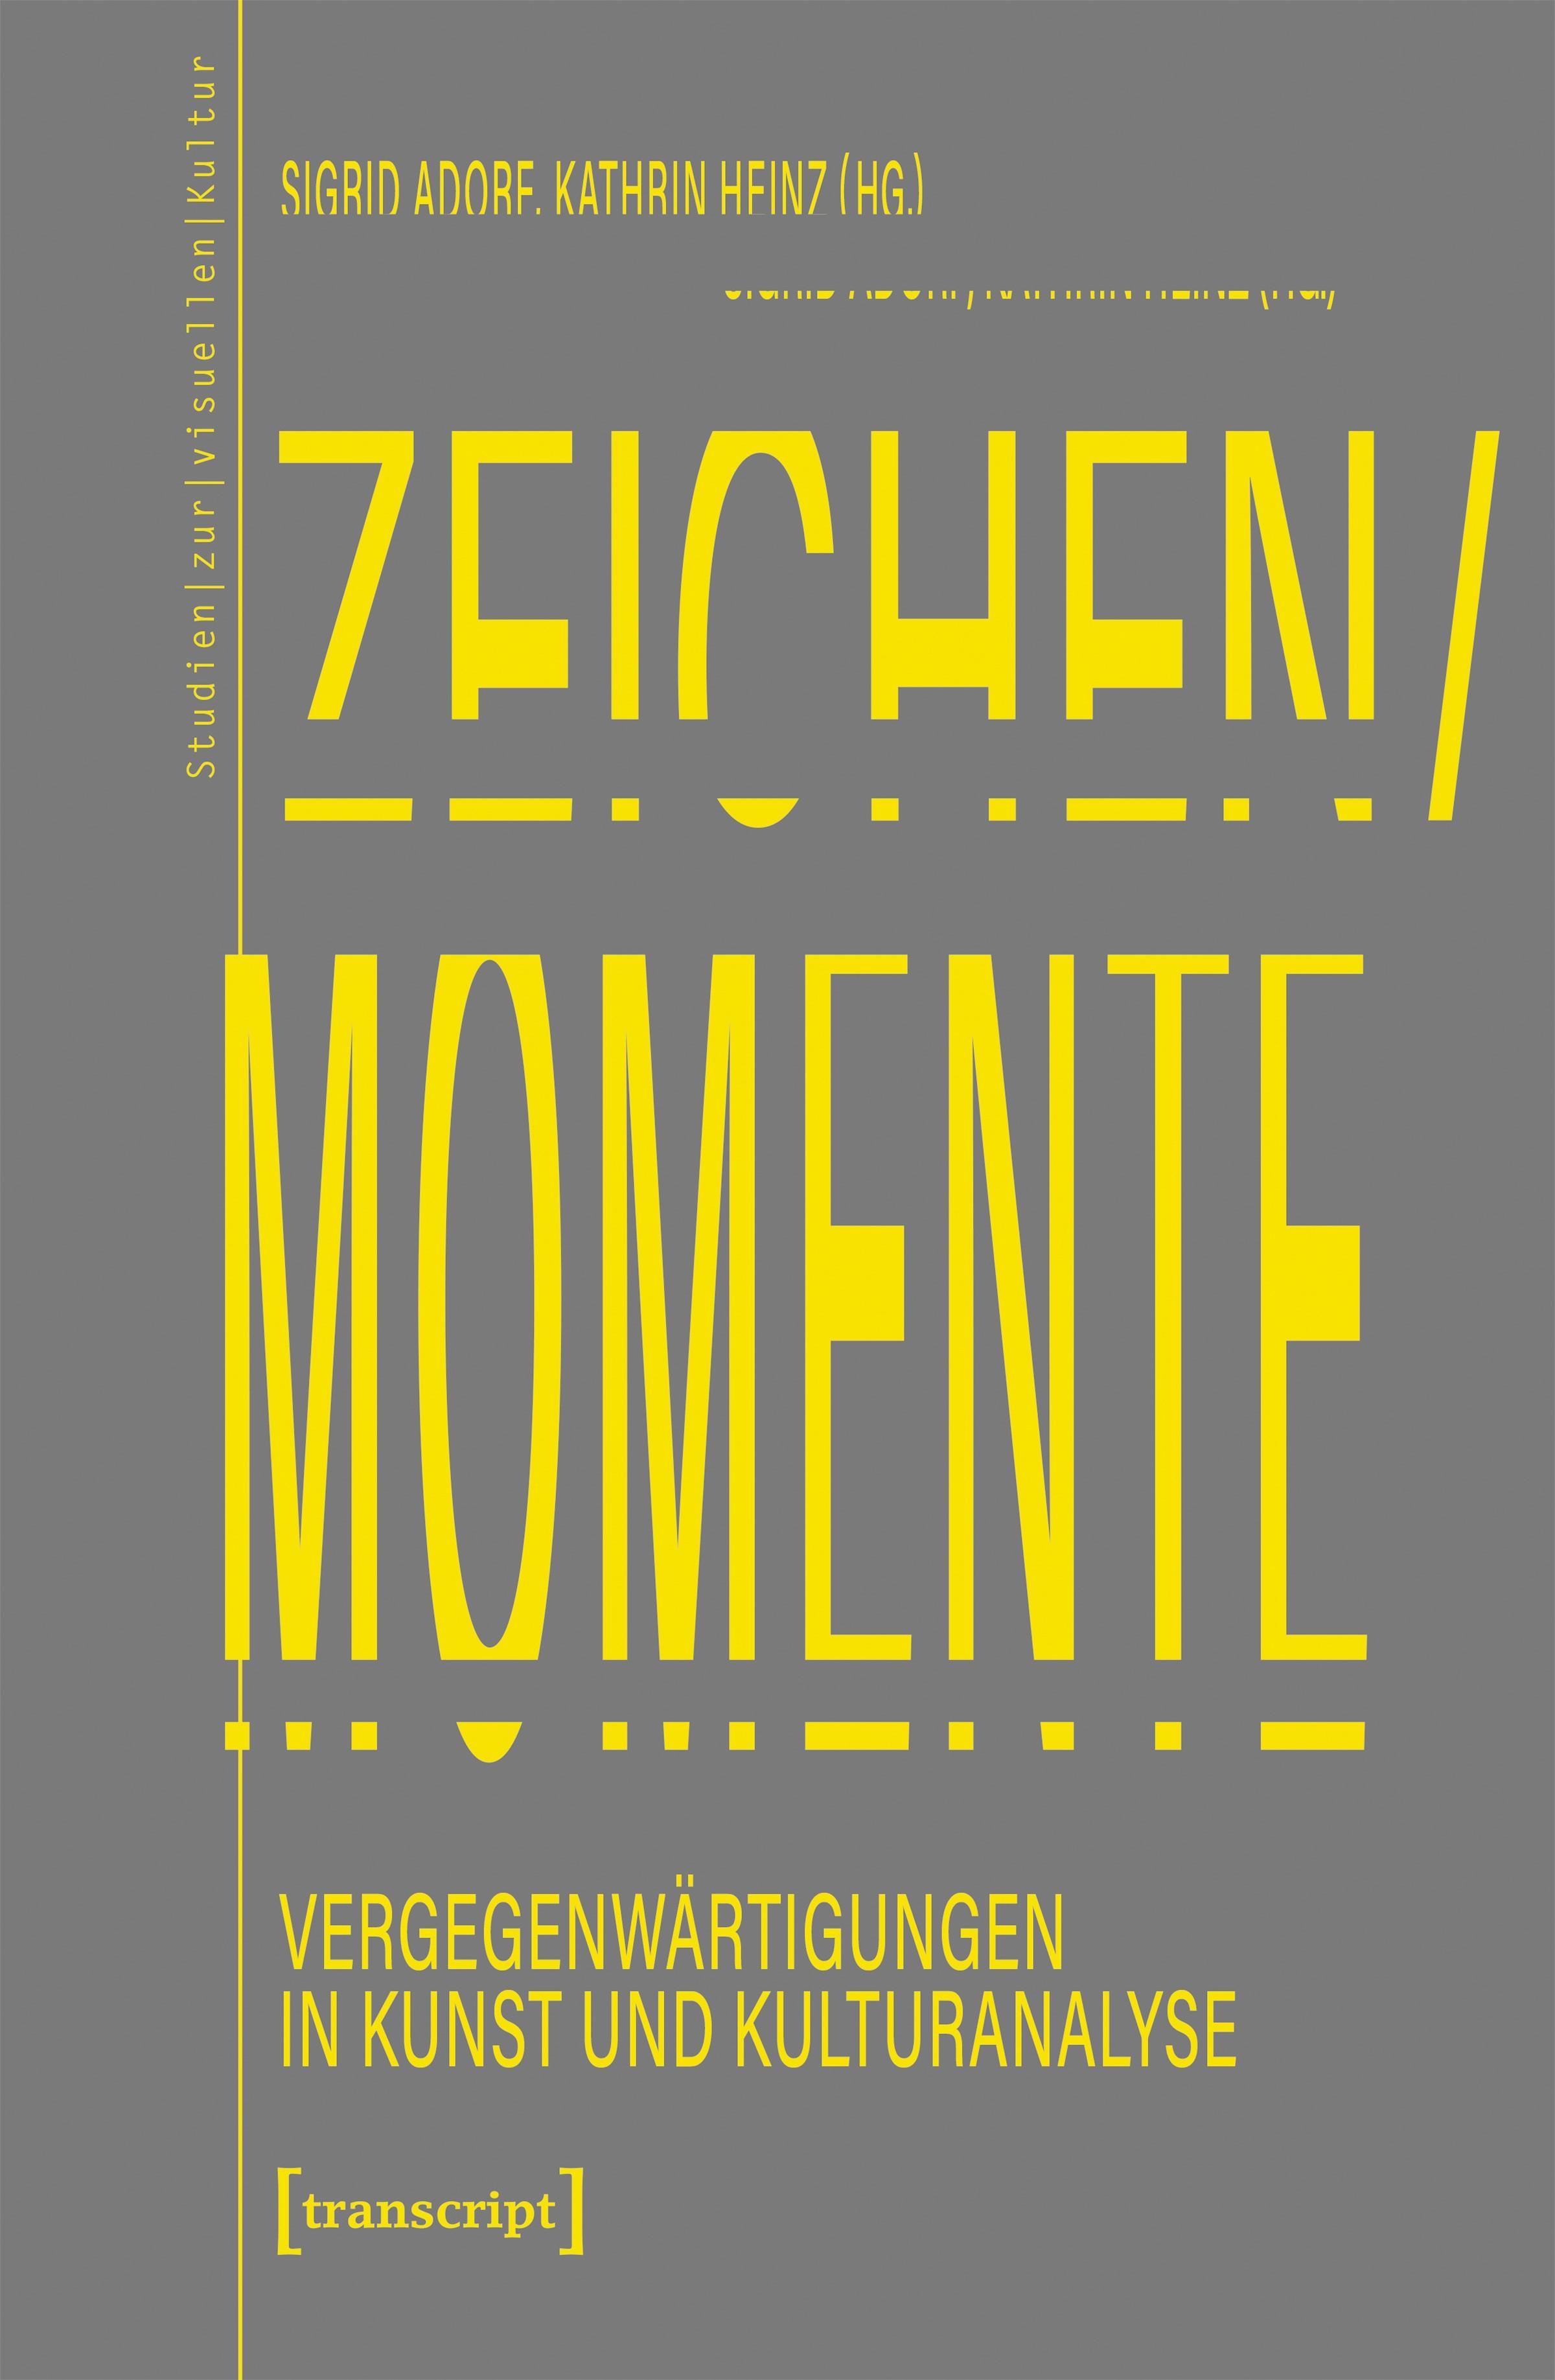 Abbildung von Adorf / Heinz   Zeichen/Momente. Vergegenwärtigungen in Kunst und Kulturanalyse   2019